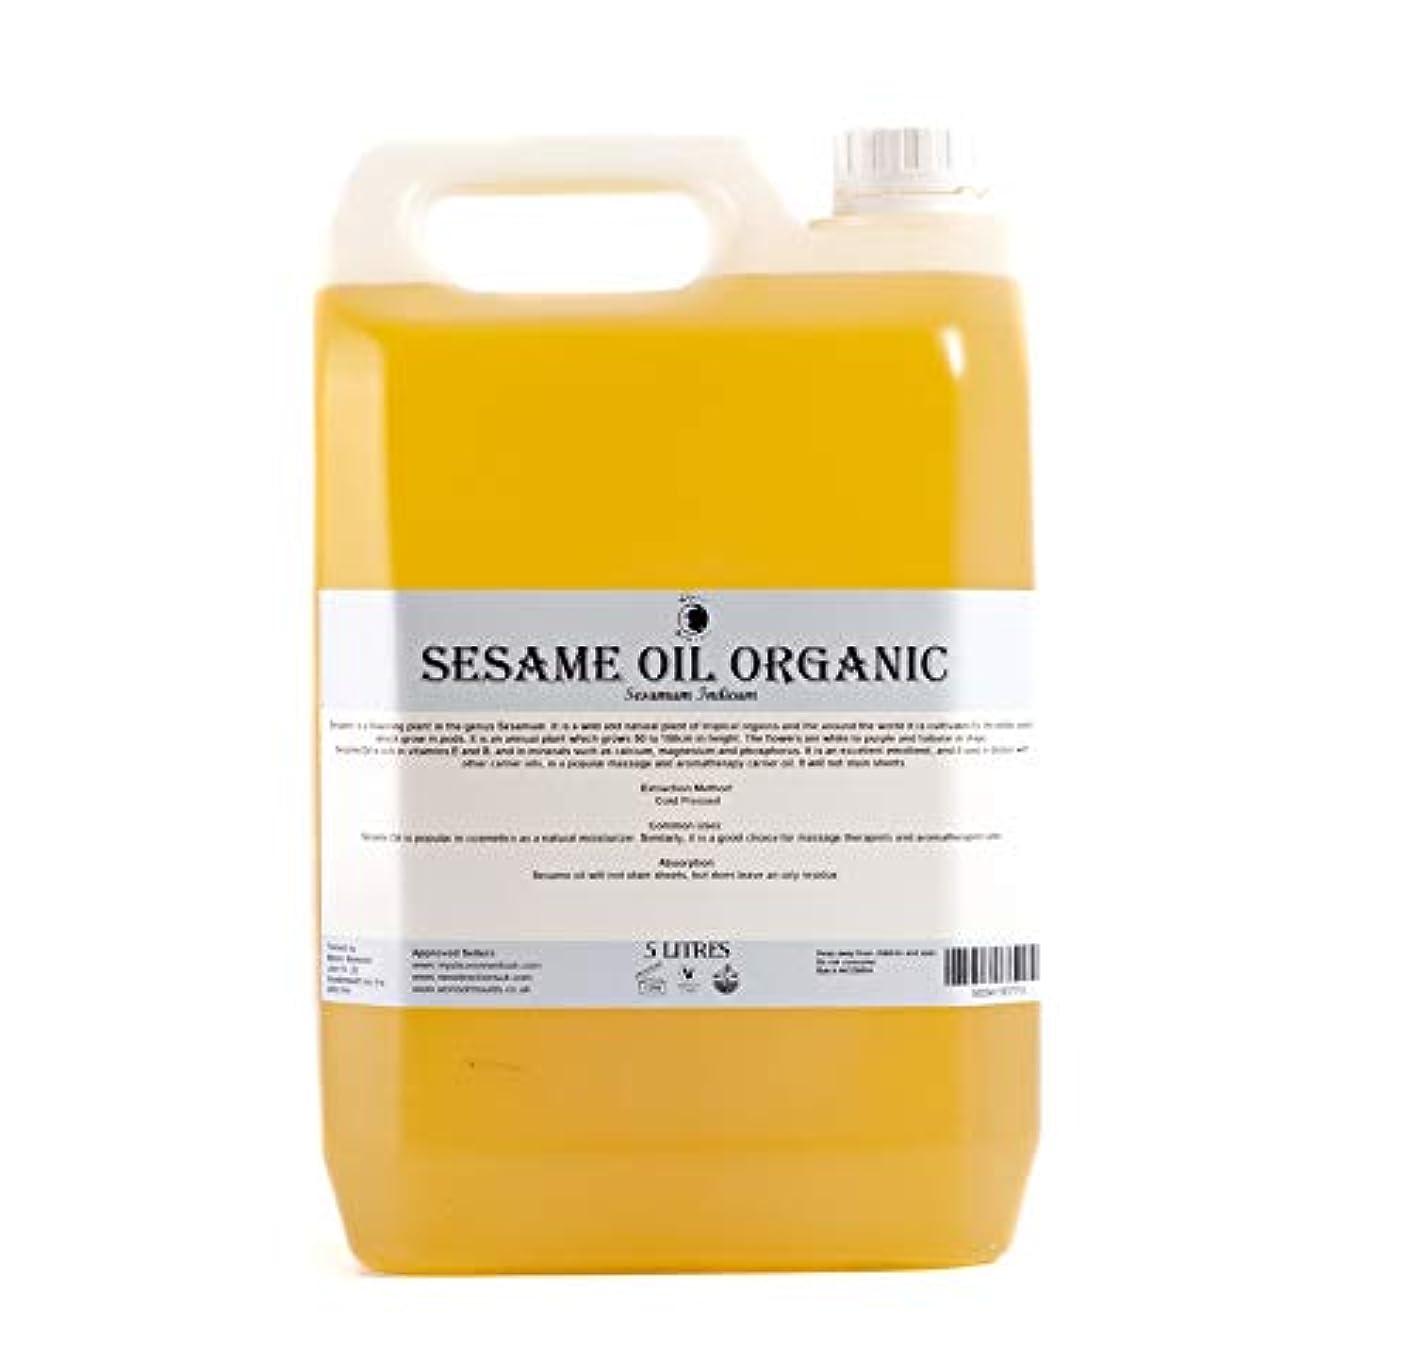 マッシュ権限グローブMystic Moments | Sesame Organic Carrier Oil - 5 Litres - 100% Pure